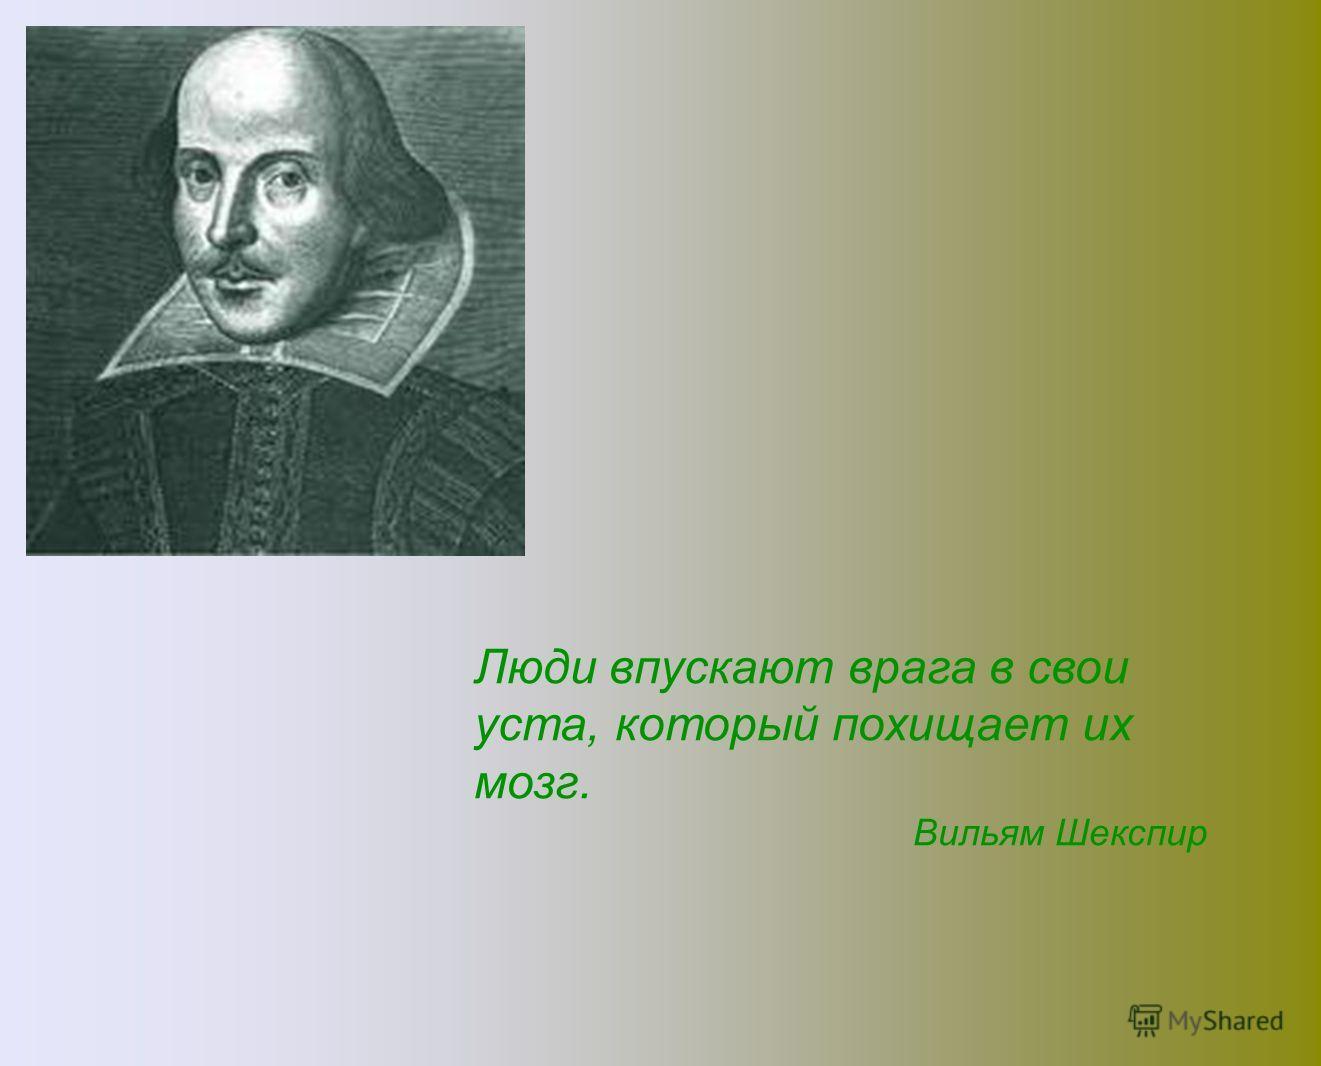 Люди впускают врага в свои уста, который похищает их мозг. Вильям Шекспир